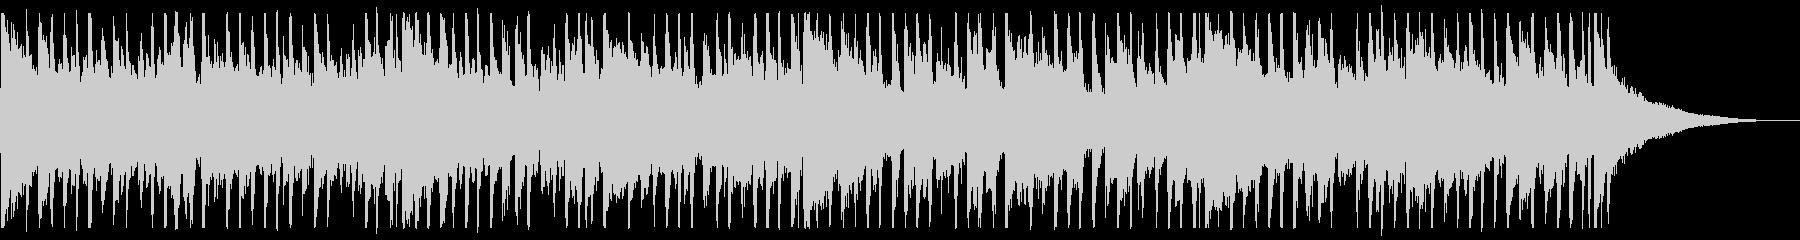 爽やかなカフェBGM_No686_5の未再生の波形